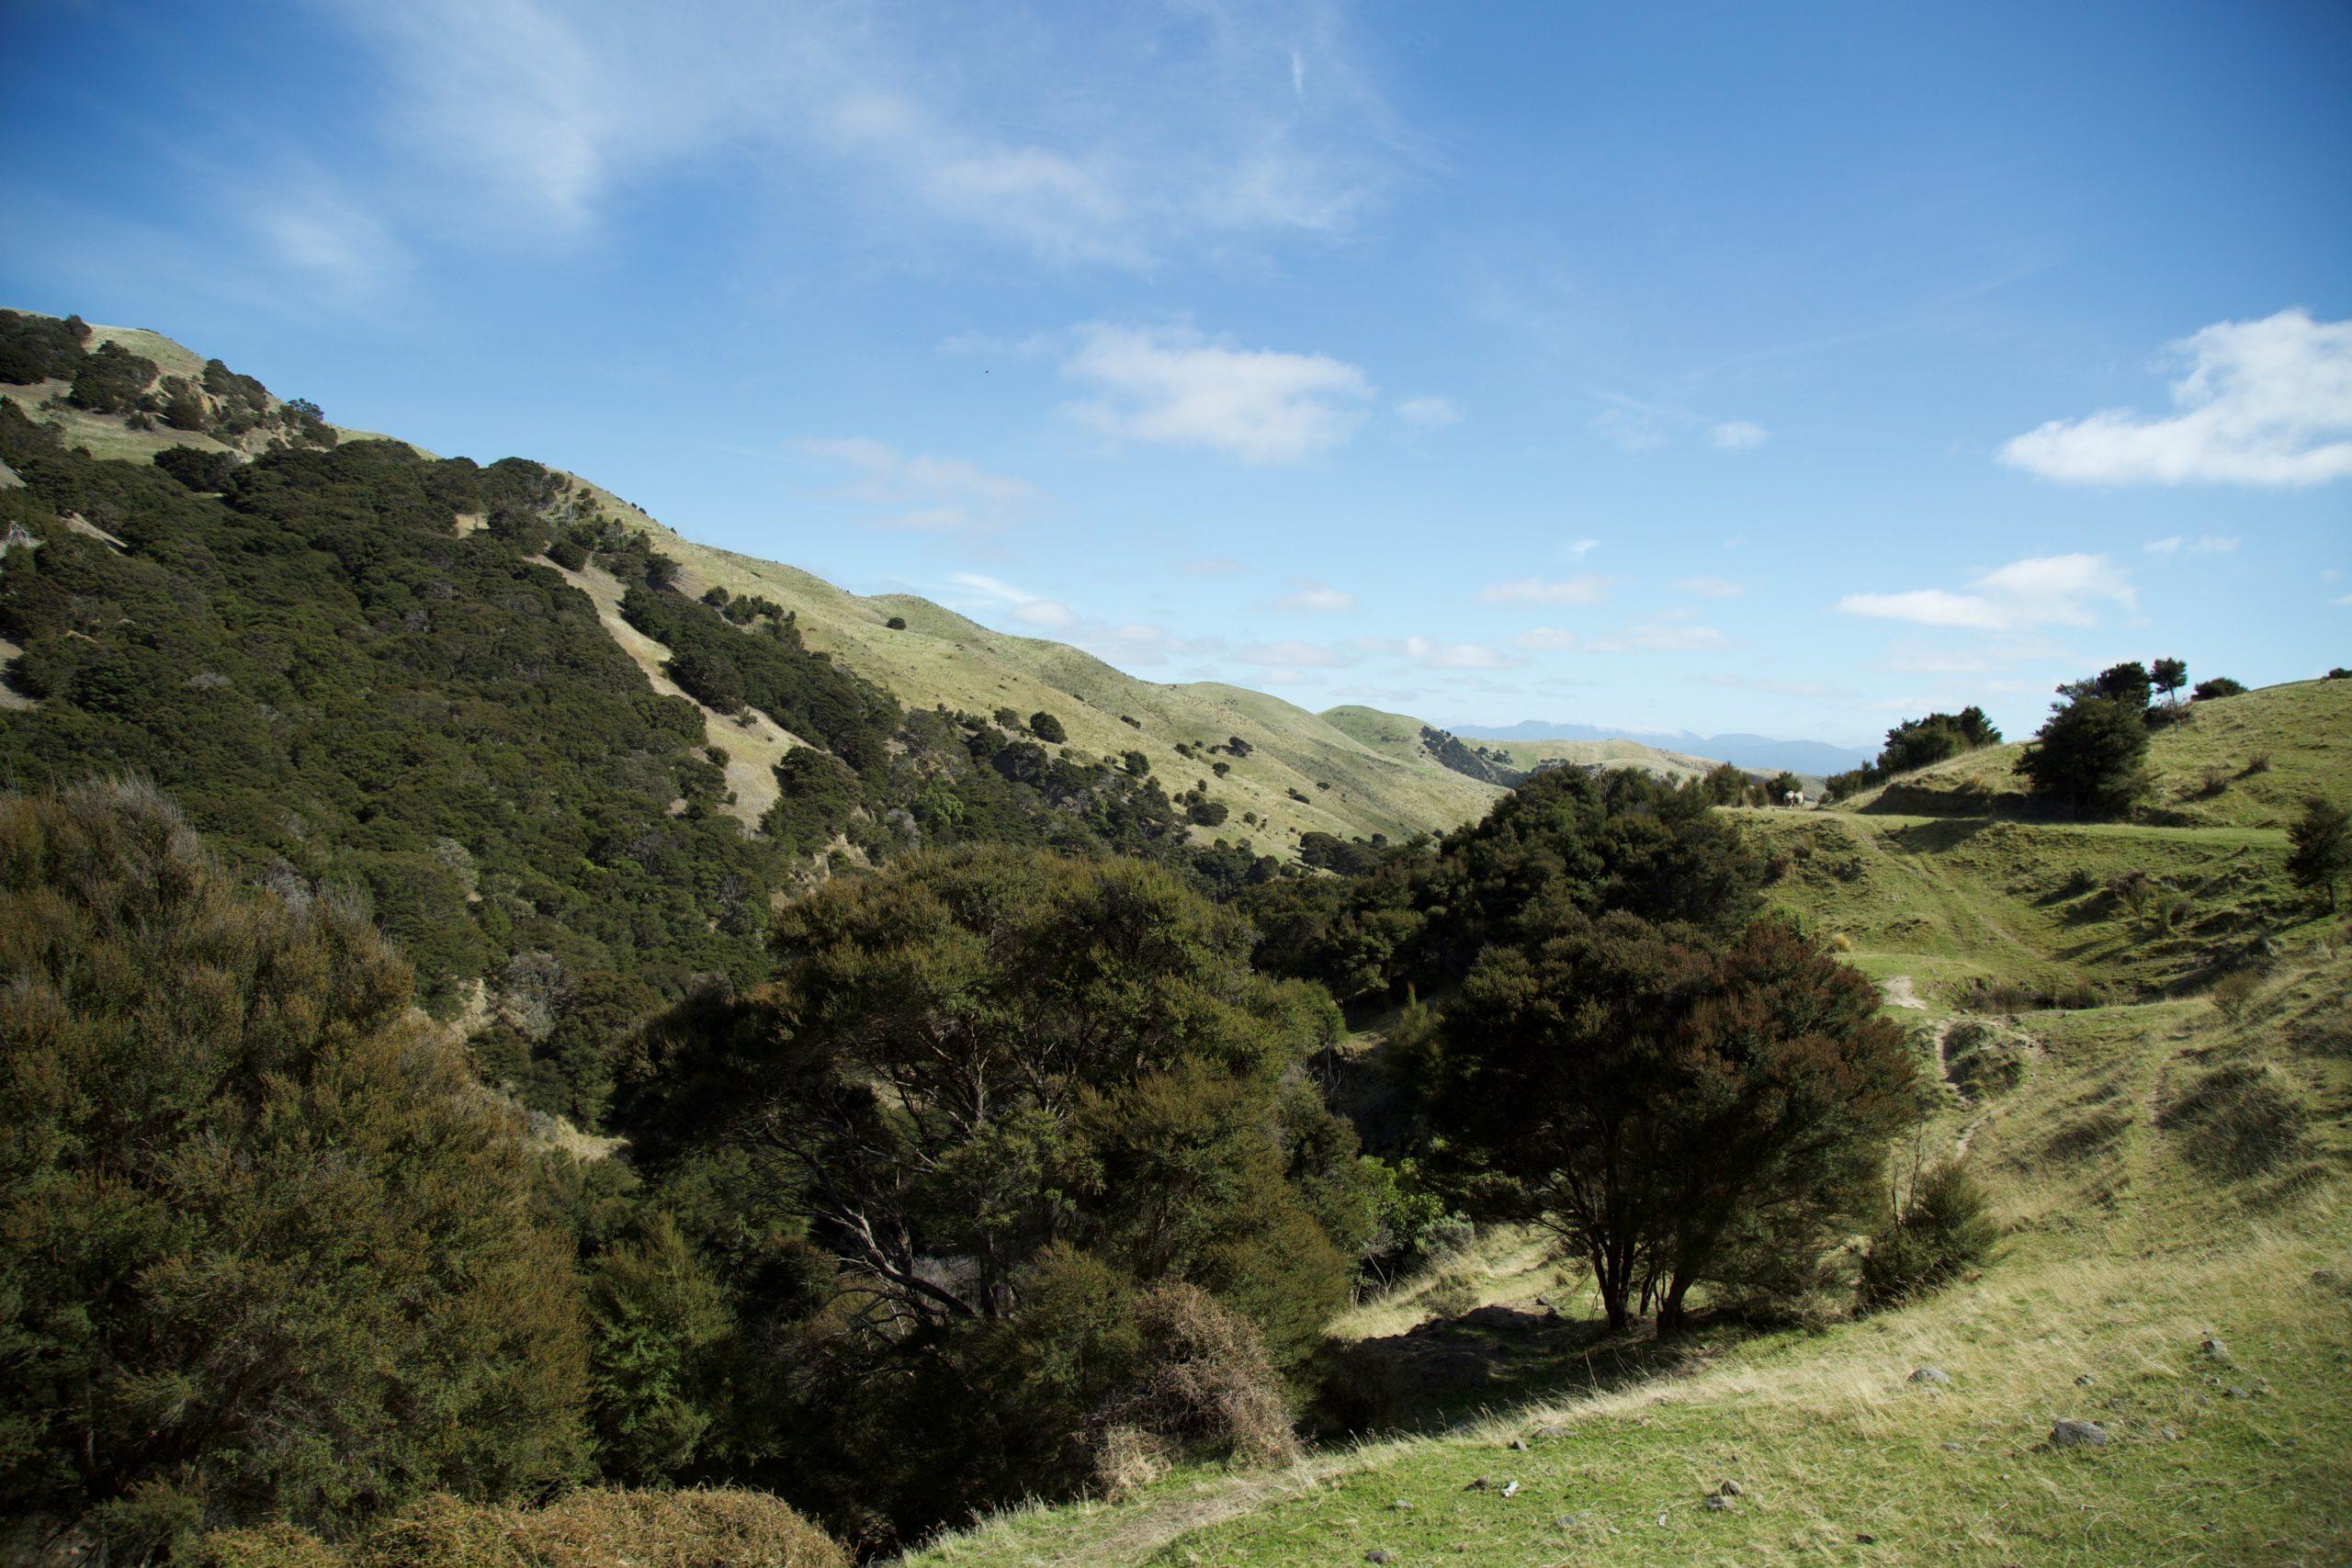 Landschaft in Neuseeland - Hier wächst der Teebaum